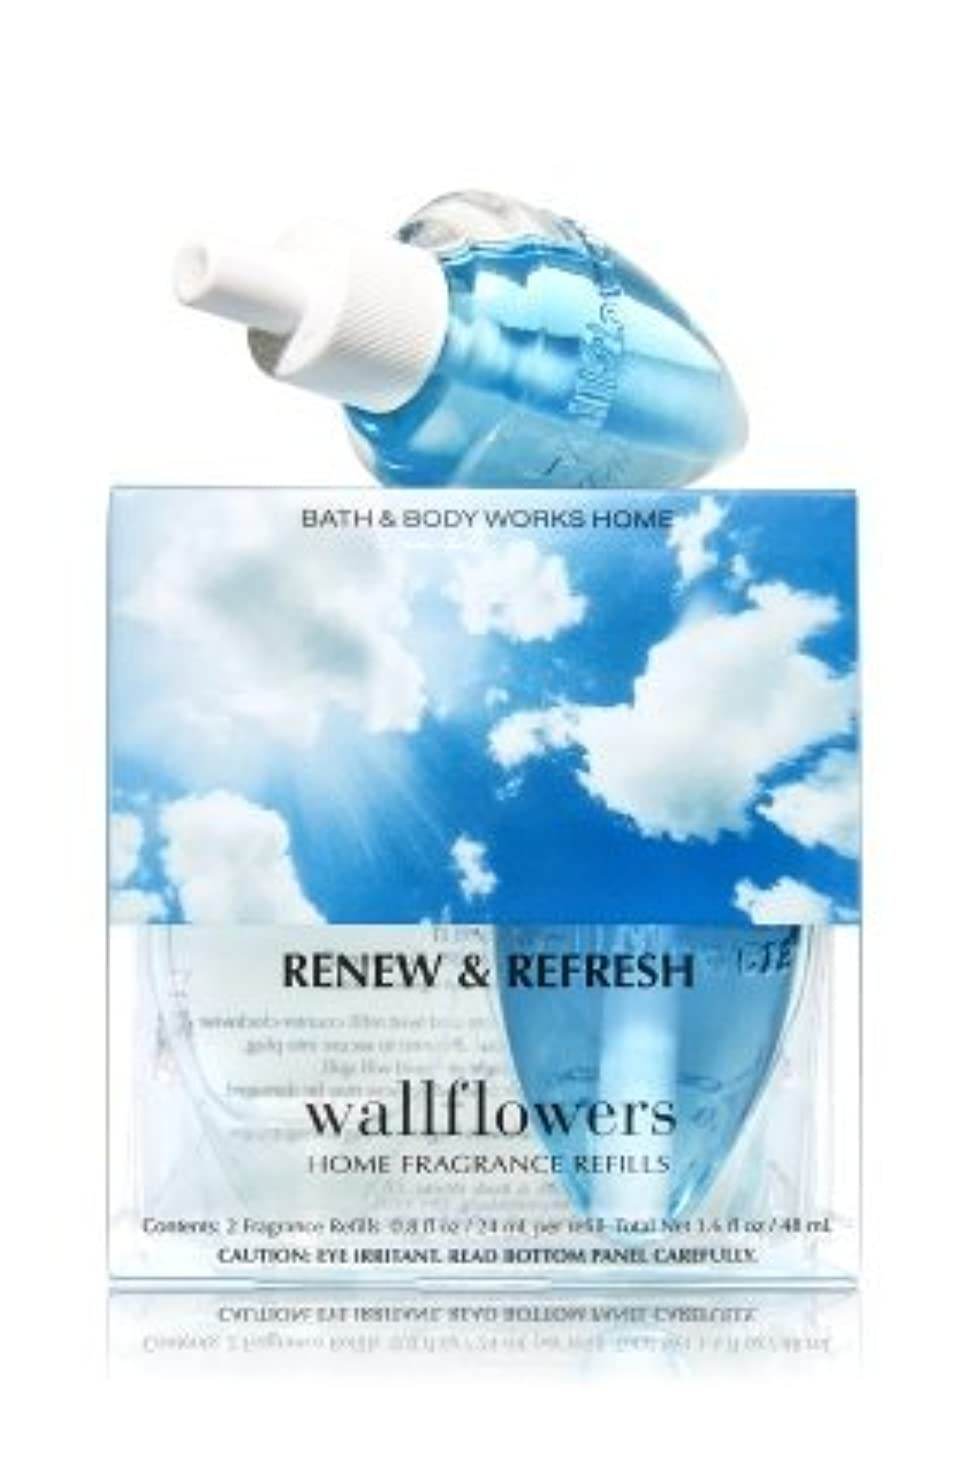 ストレージキリマンジャロ動脈【Bath&Body Works/バス&ボディワークス】 ホームフレグランス 詰替えリフィル(2個入り) リニュー&リフレッシュ Wallflowers Home Fragrance 2-Pack Refills Renew & Refresh [並行輸入品]